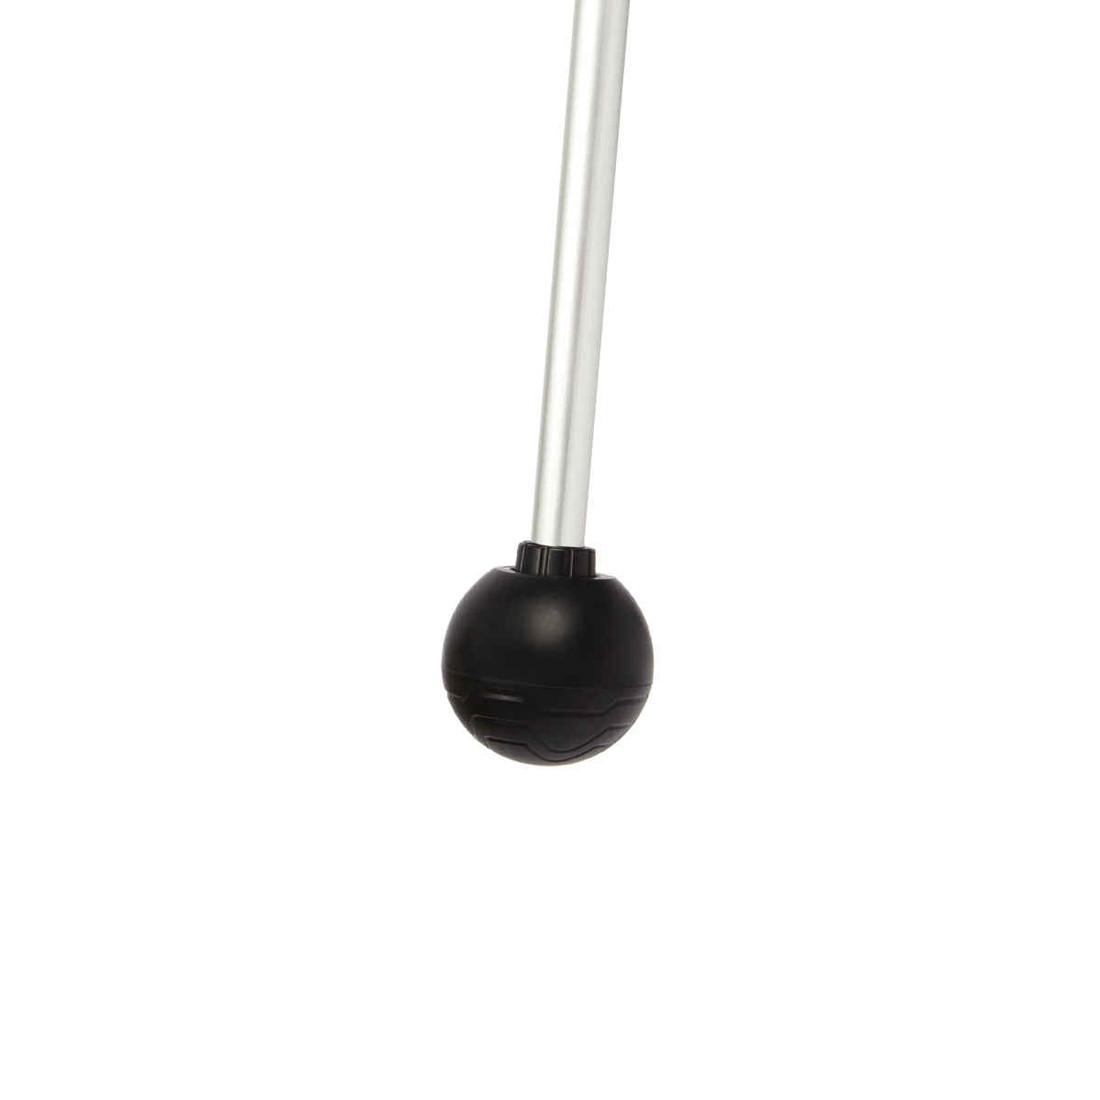 ヘリノックス サンセットチェア用 ボールフィート4PC ドリンクホルダー  国内正規品